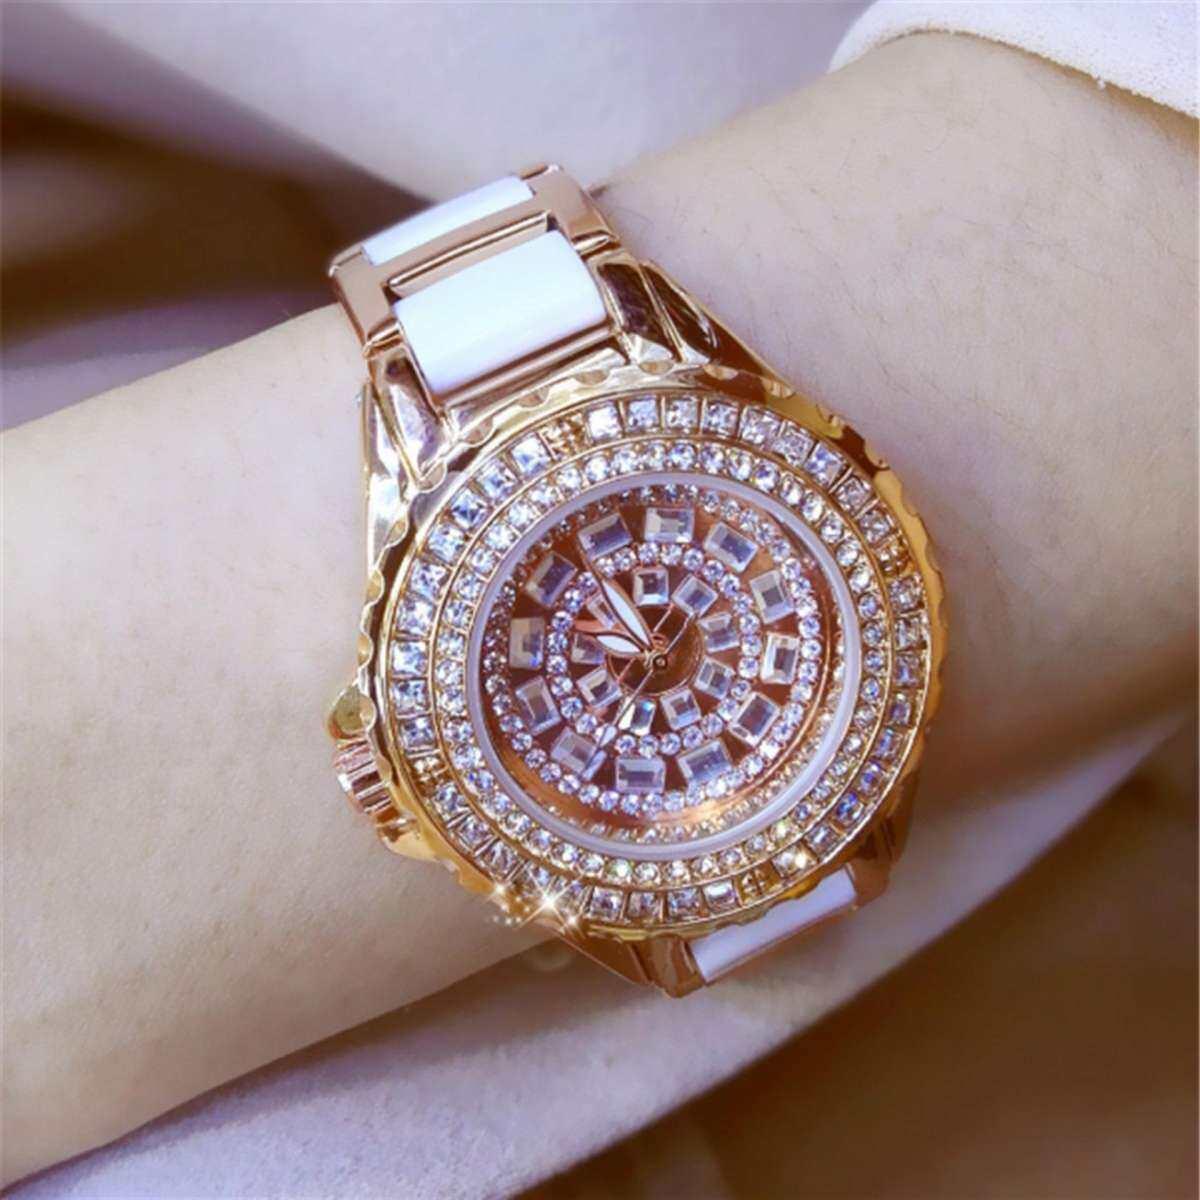 Jam Tangan Wanita Jam Tangan Wanita Pergelangan Tangan Guest House Baru High-End Rantai Watch Berlian Jenama Berlian Jam Tangan Wanita